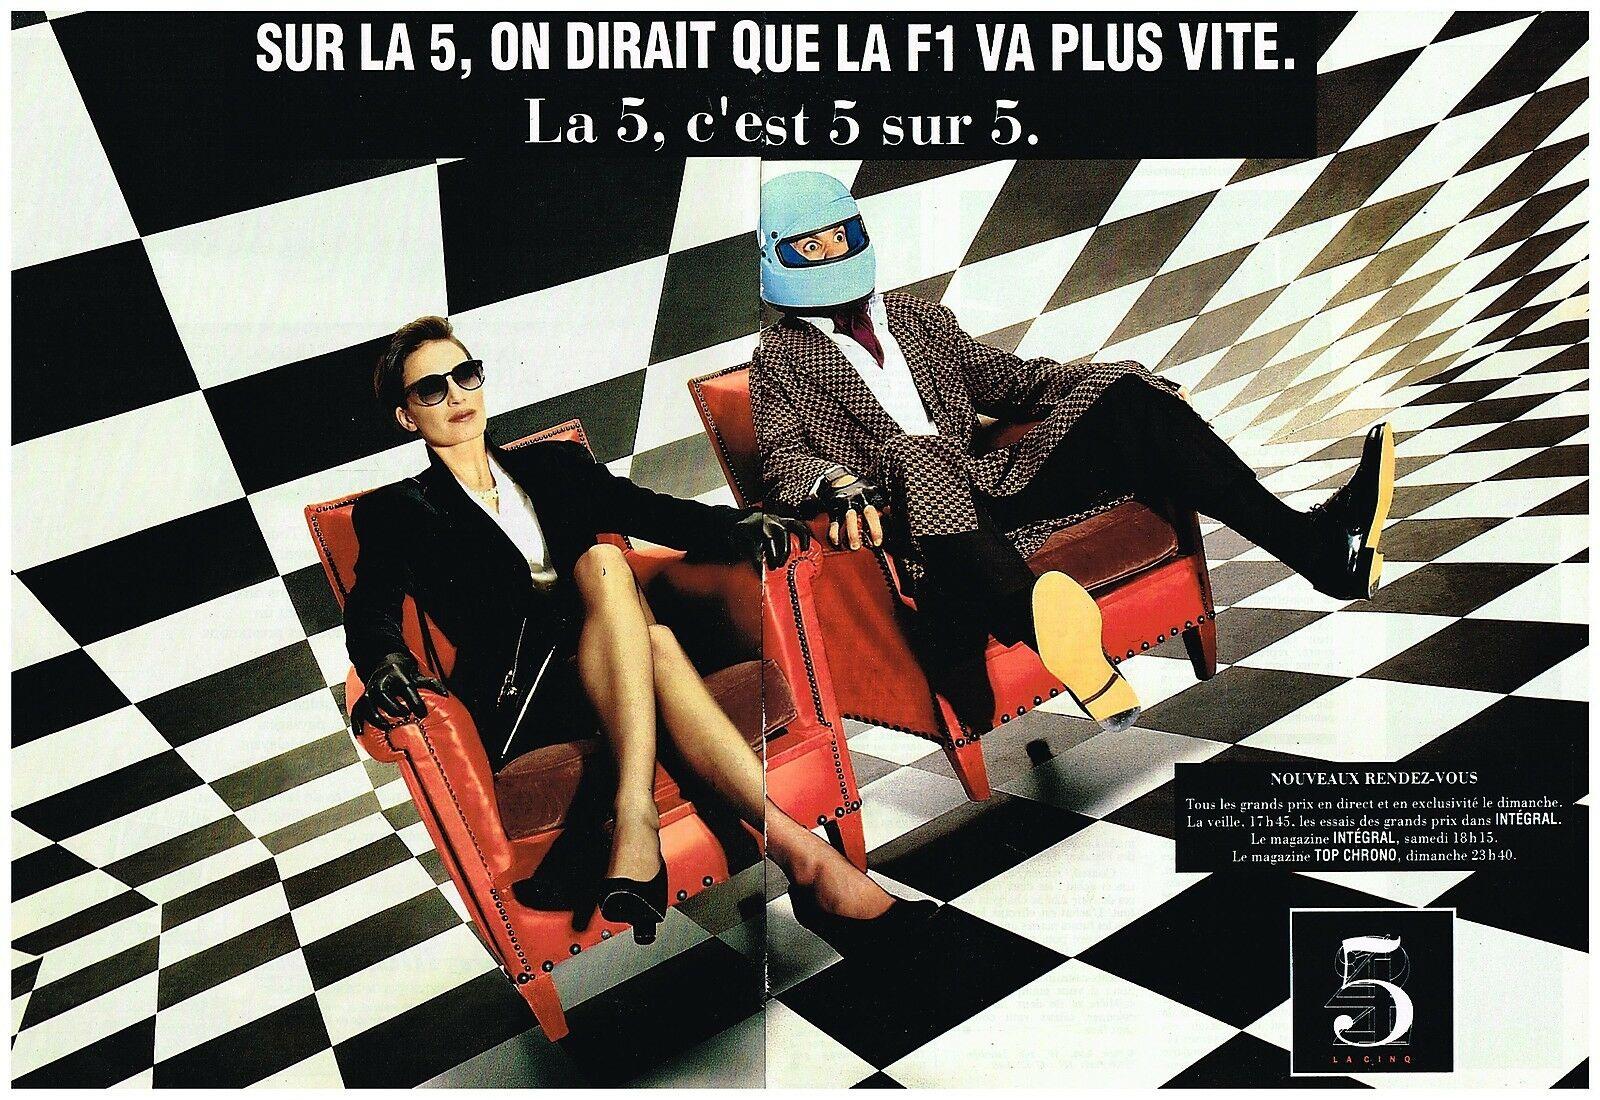 1991 Chaine Television La Cinq